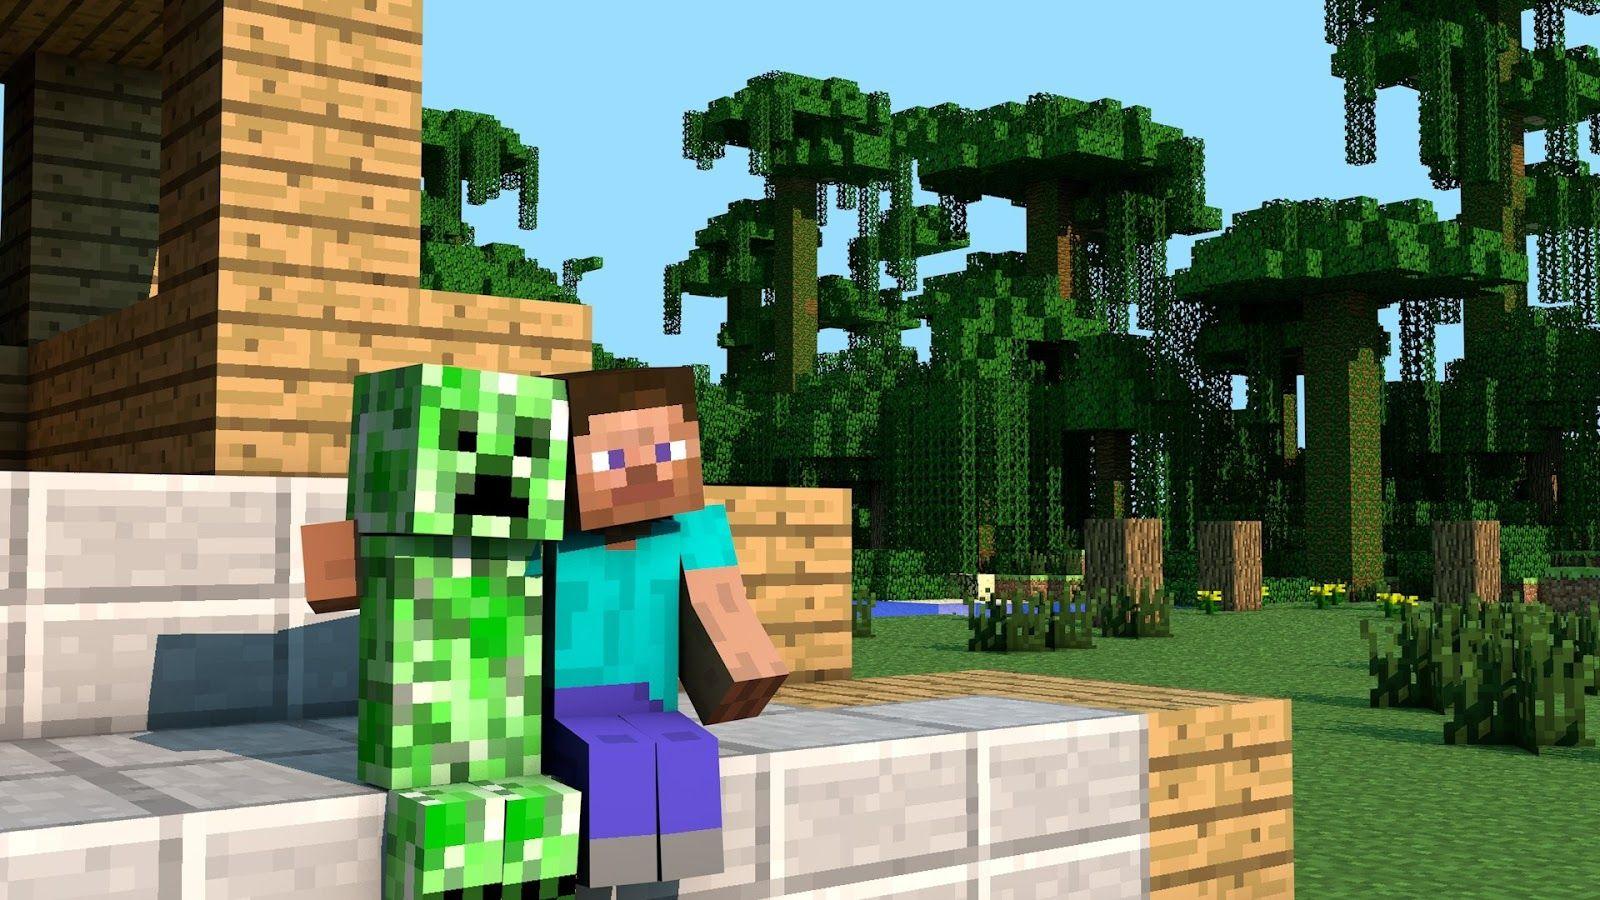 Epic Minecraft Backgrounds for Computers Descargas de 5now 1600x900